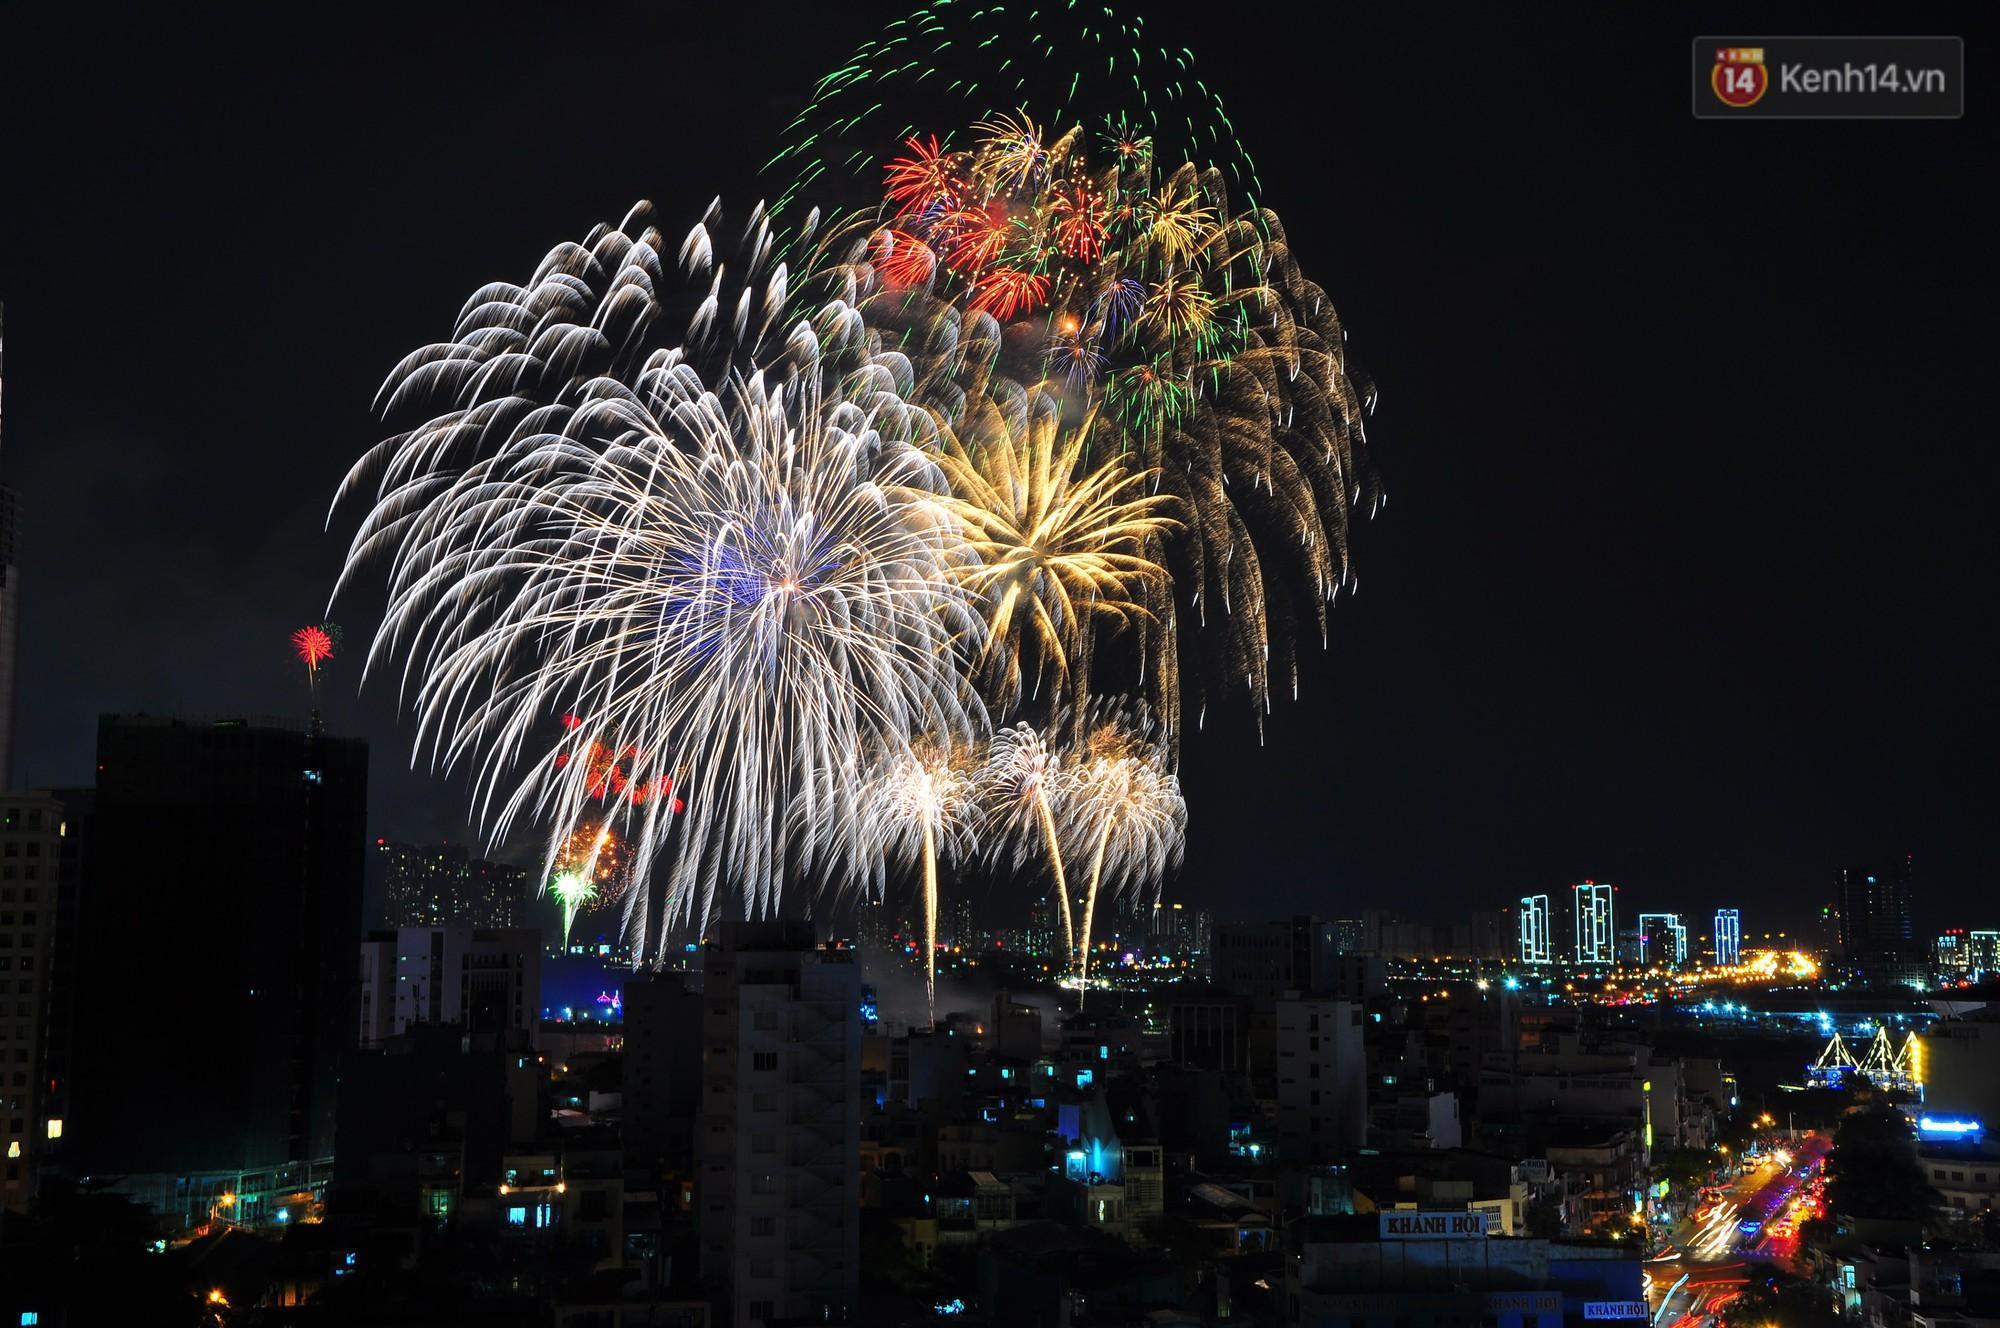 Loạt pháo hoa đẹp rực rỡ trên bầu trời Sài Gòn mừng 44 năm Giải phóng miền Nam thống nhất đất nước - Ảnh 10.